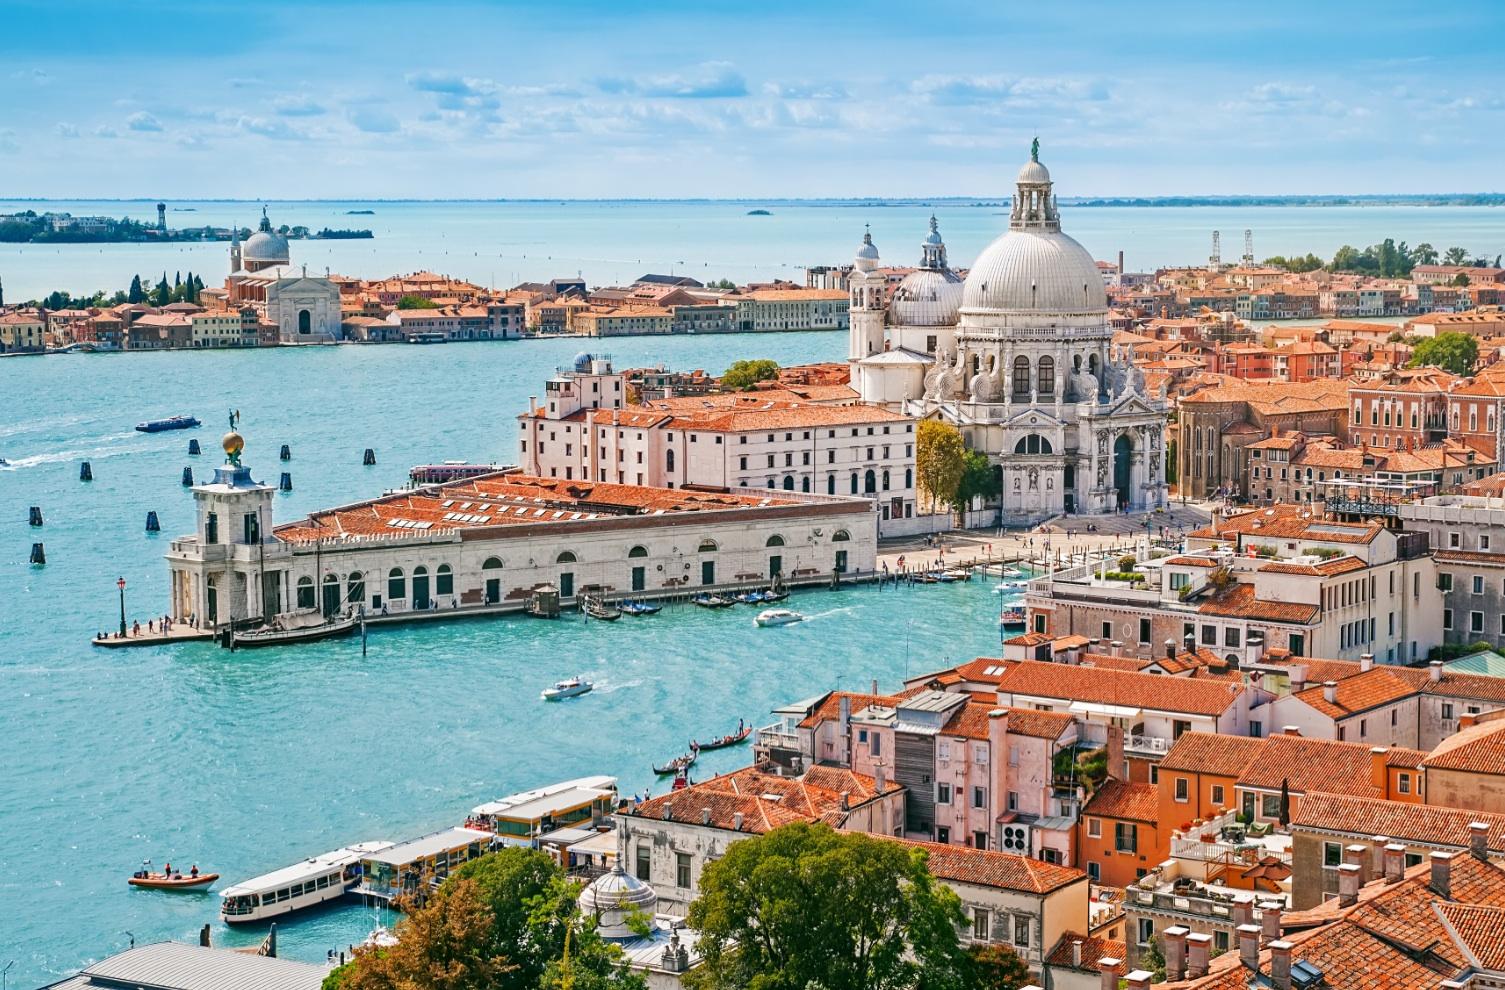 Το λιμάνι της Βενετίας